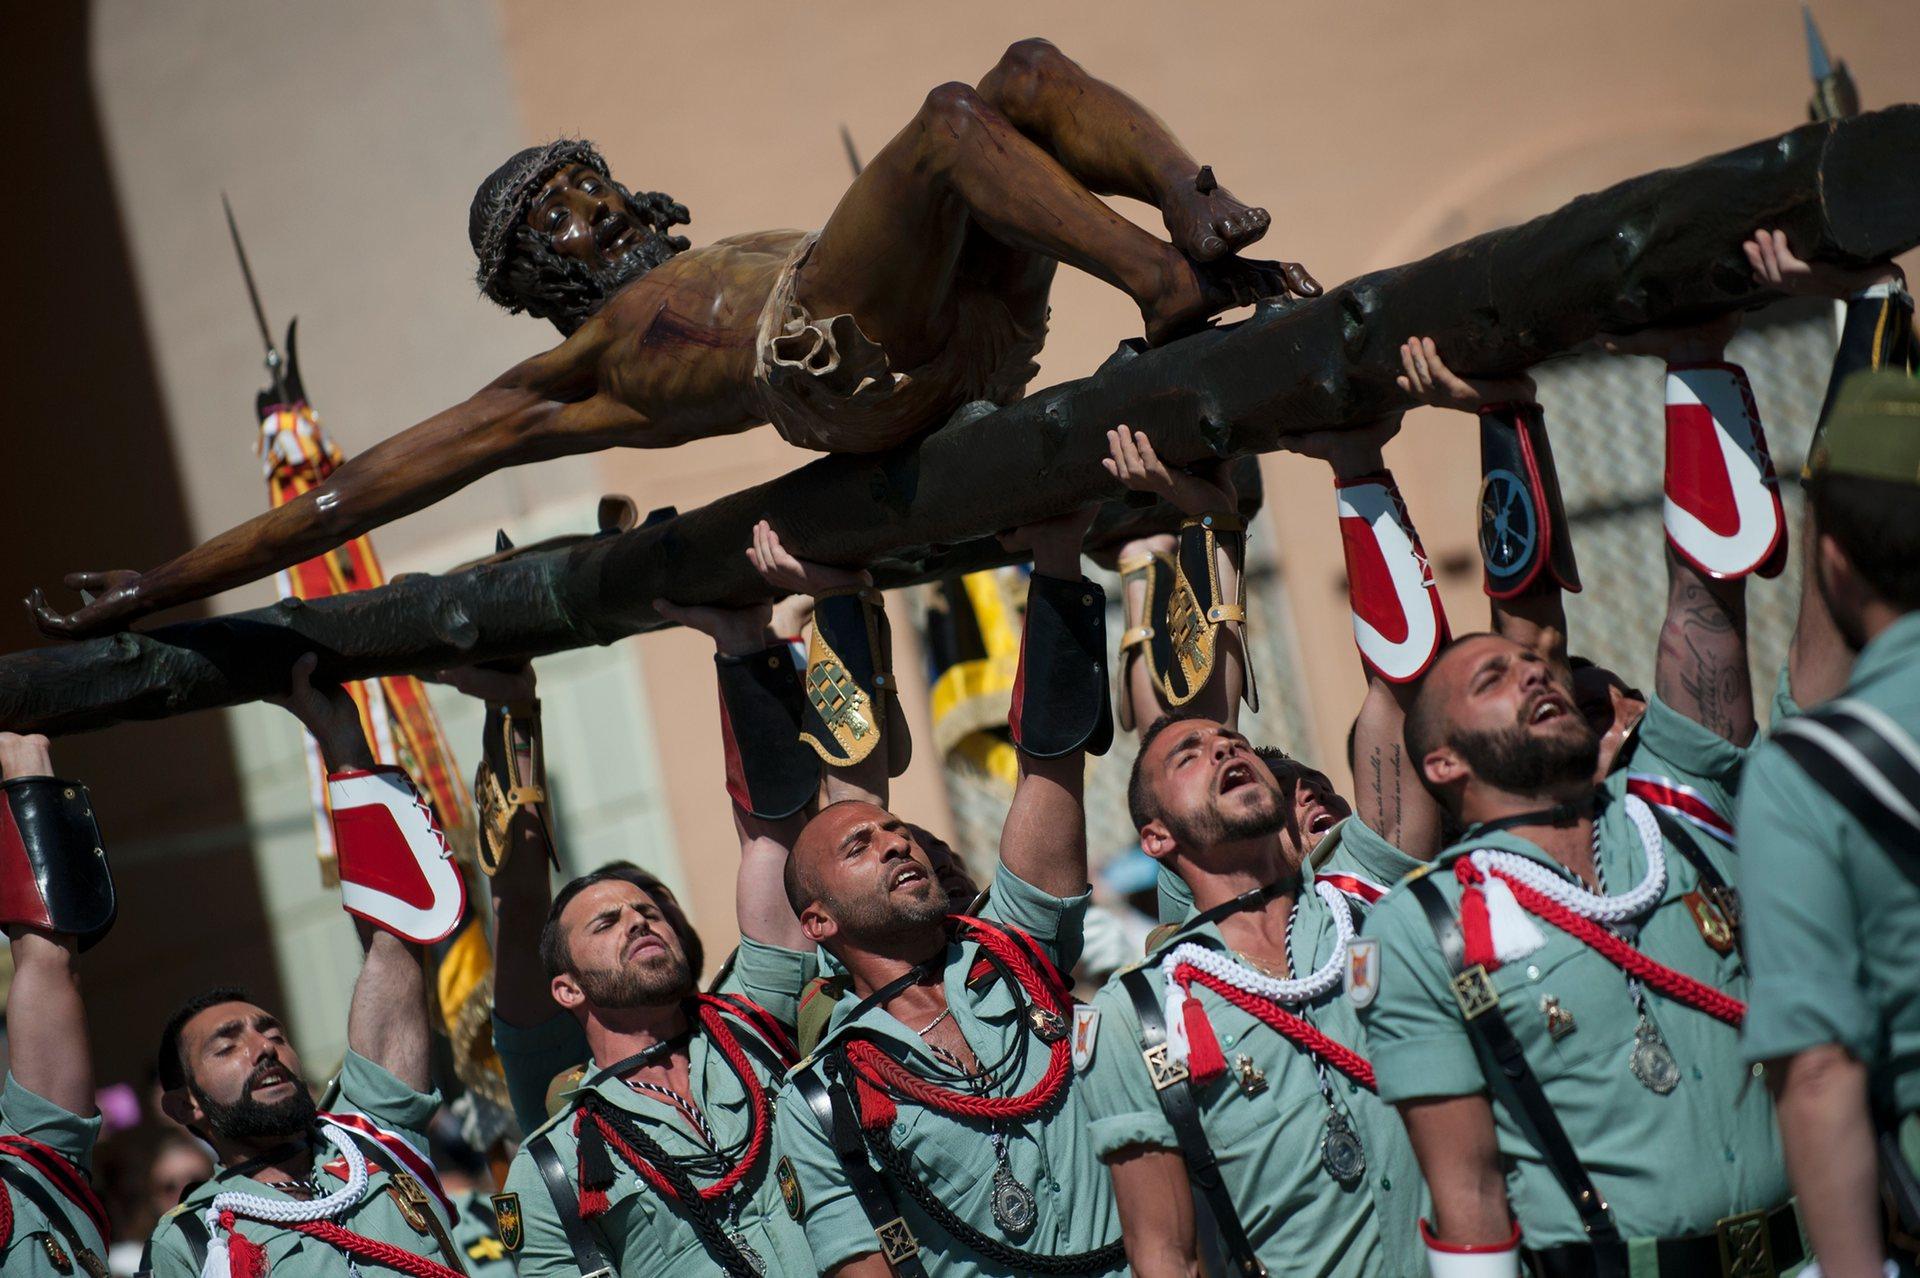 Малага, Андалусия Членове на испанския легион носят статуя на Христос Снимка: Хорхе Гереро / AFP / Getty Images